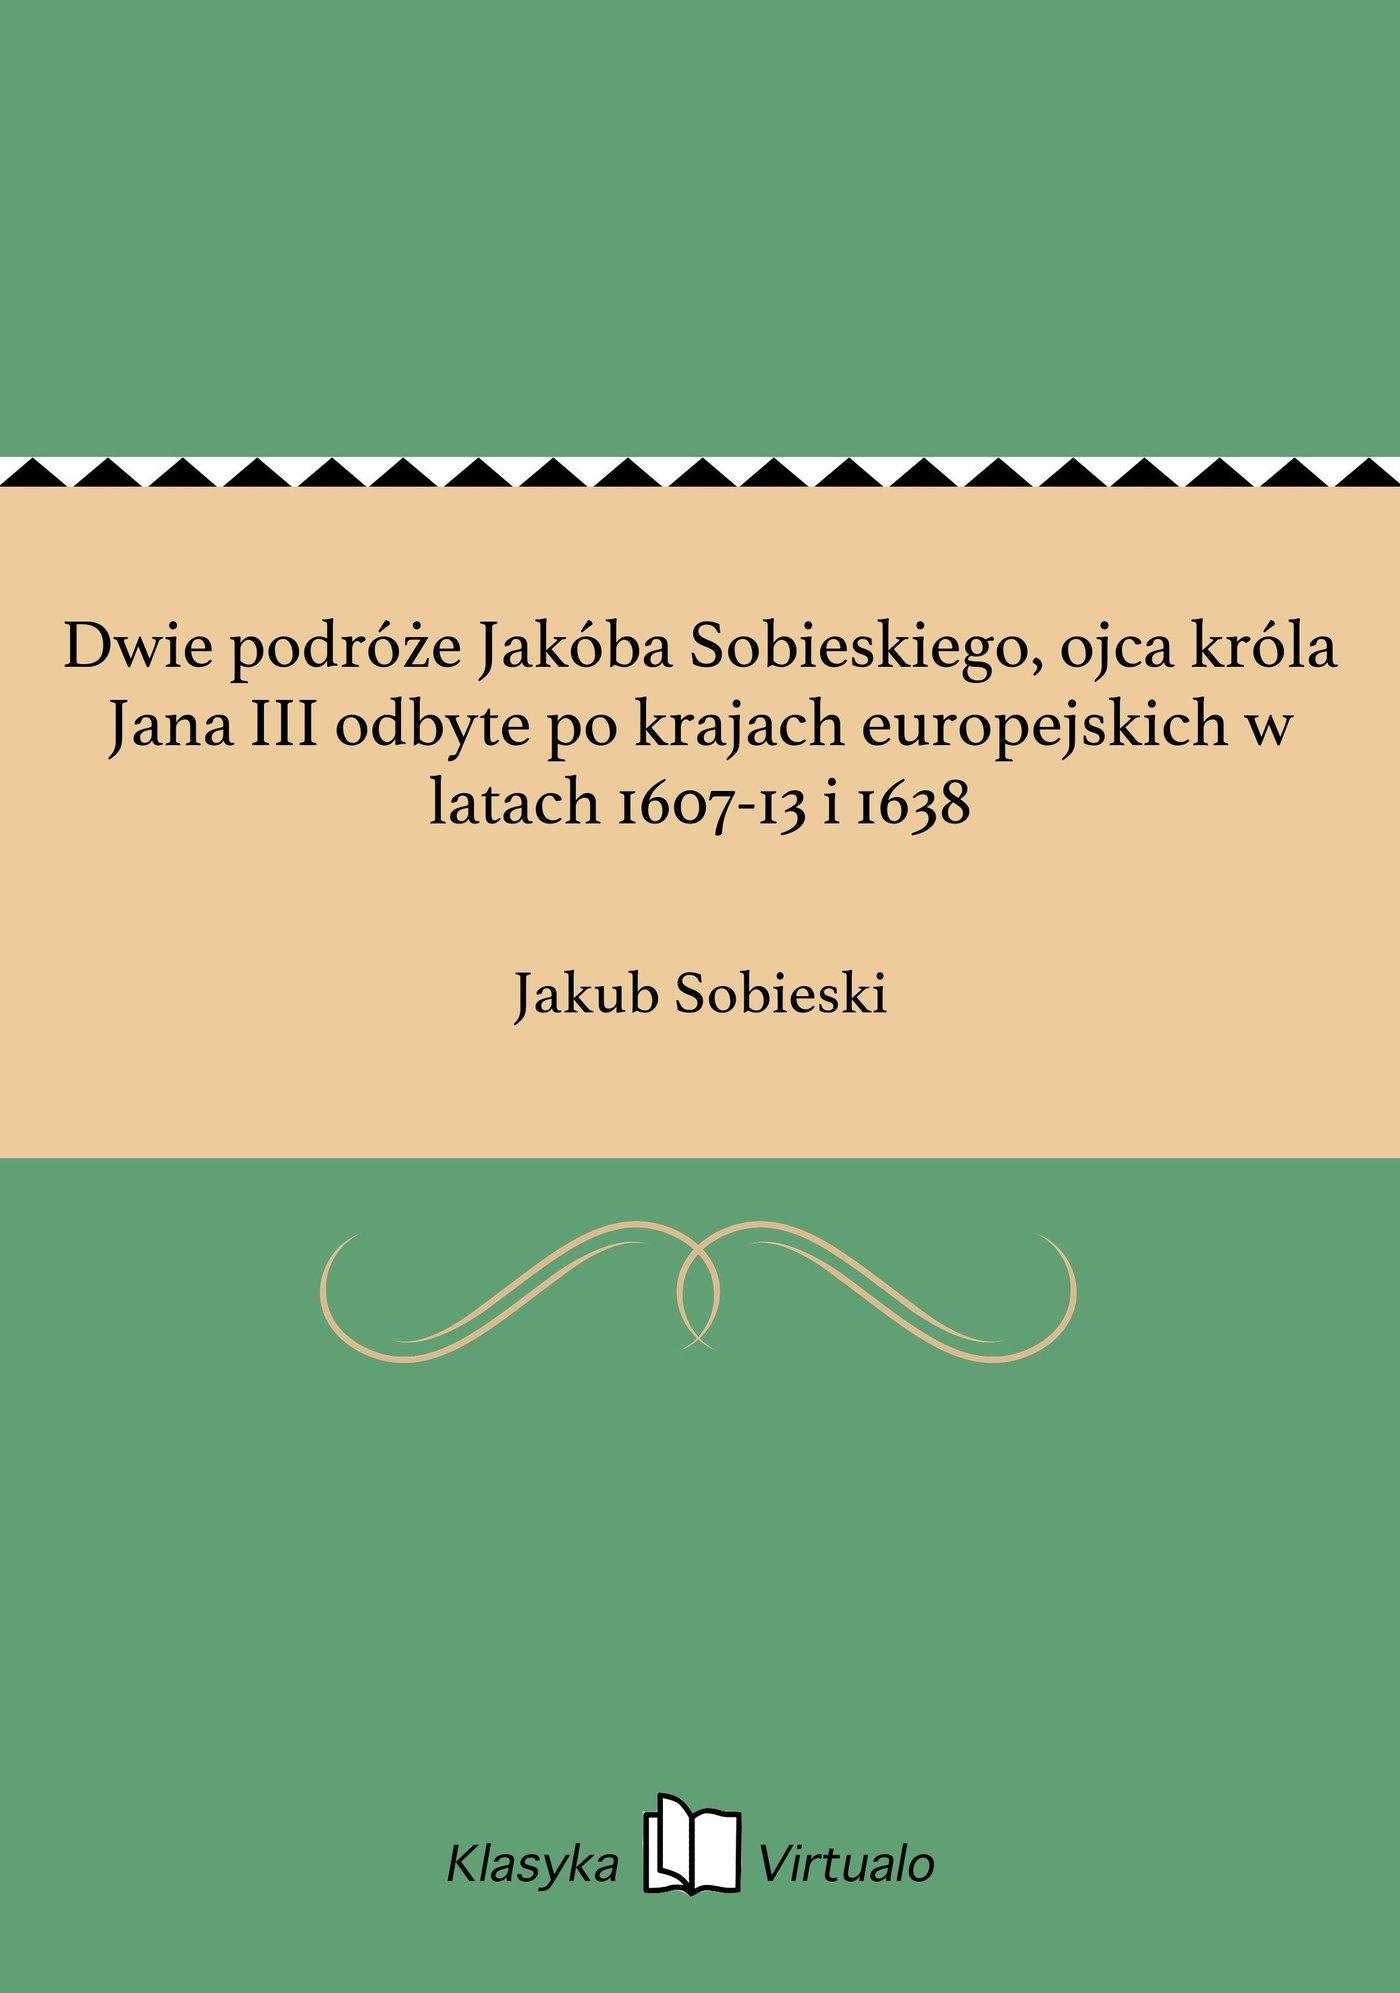 Dwie podróże Jakóba Sobieskiego, ojca króla Jana III odbyte po krajach europejskich w latach 1607-13 i 1638 - Ebook (Książka EPUB) do pobrania w formacie EPUB